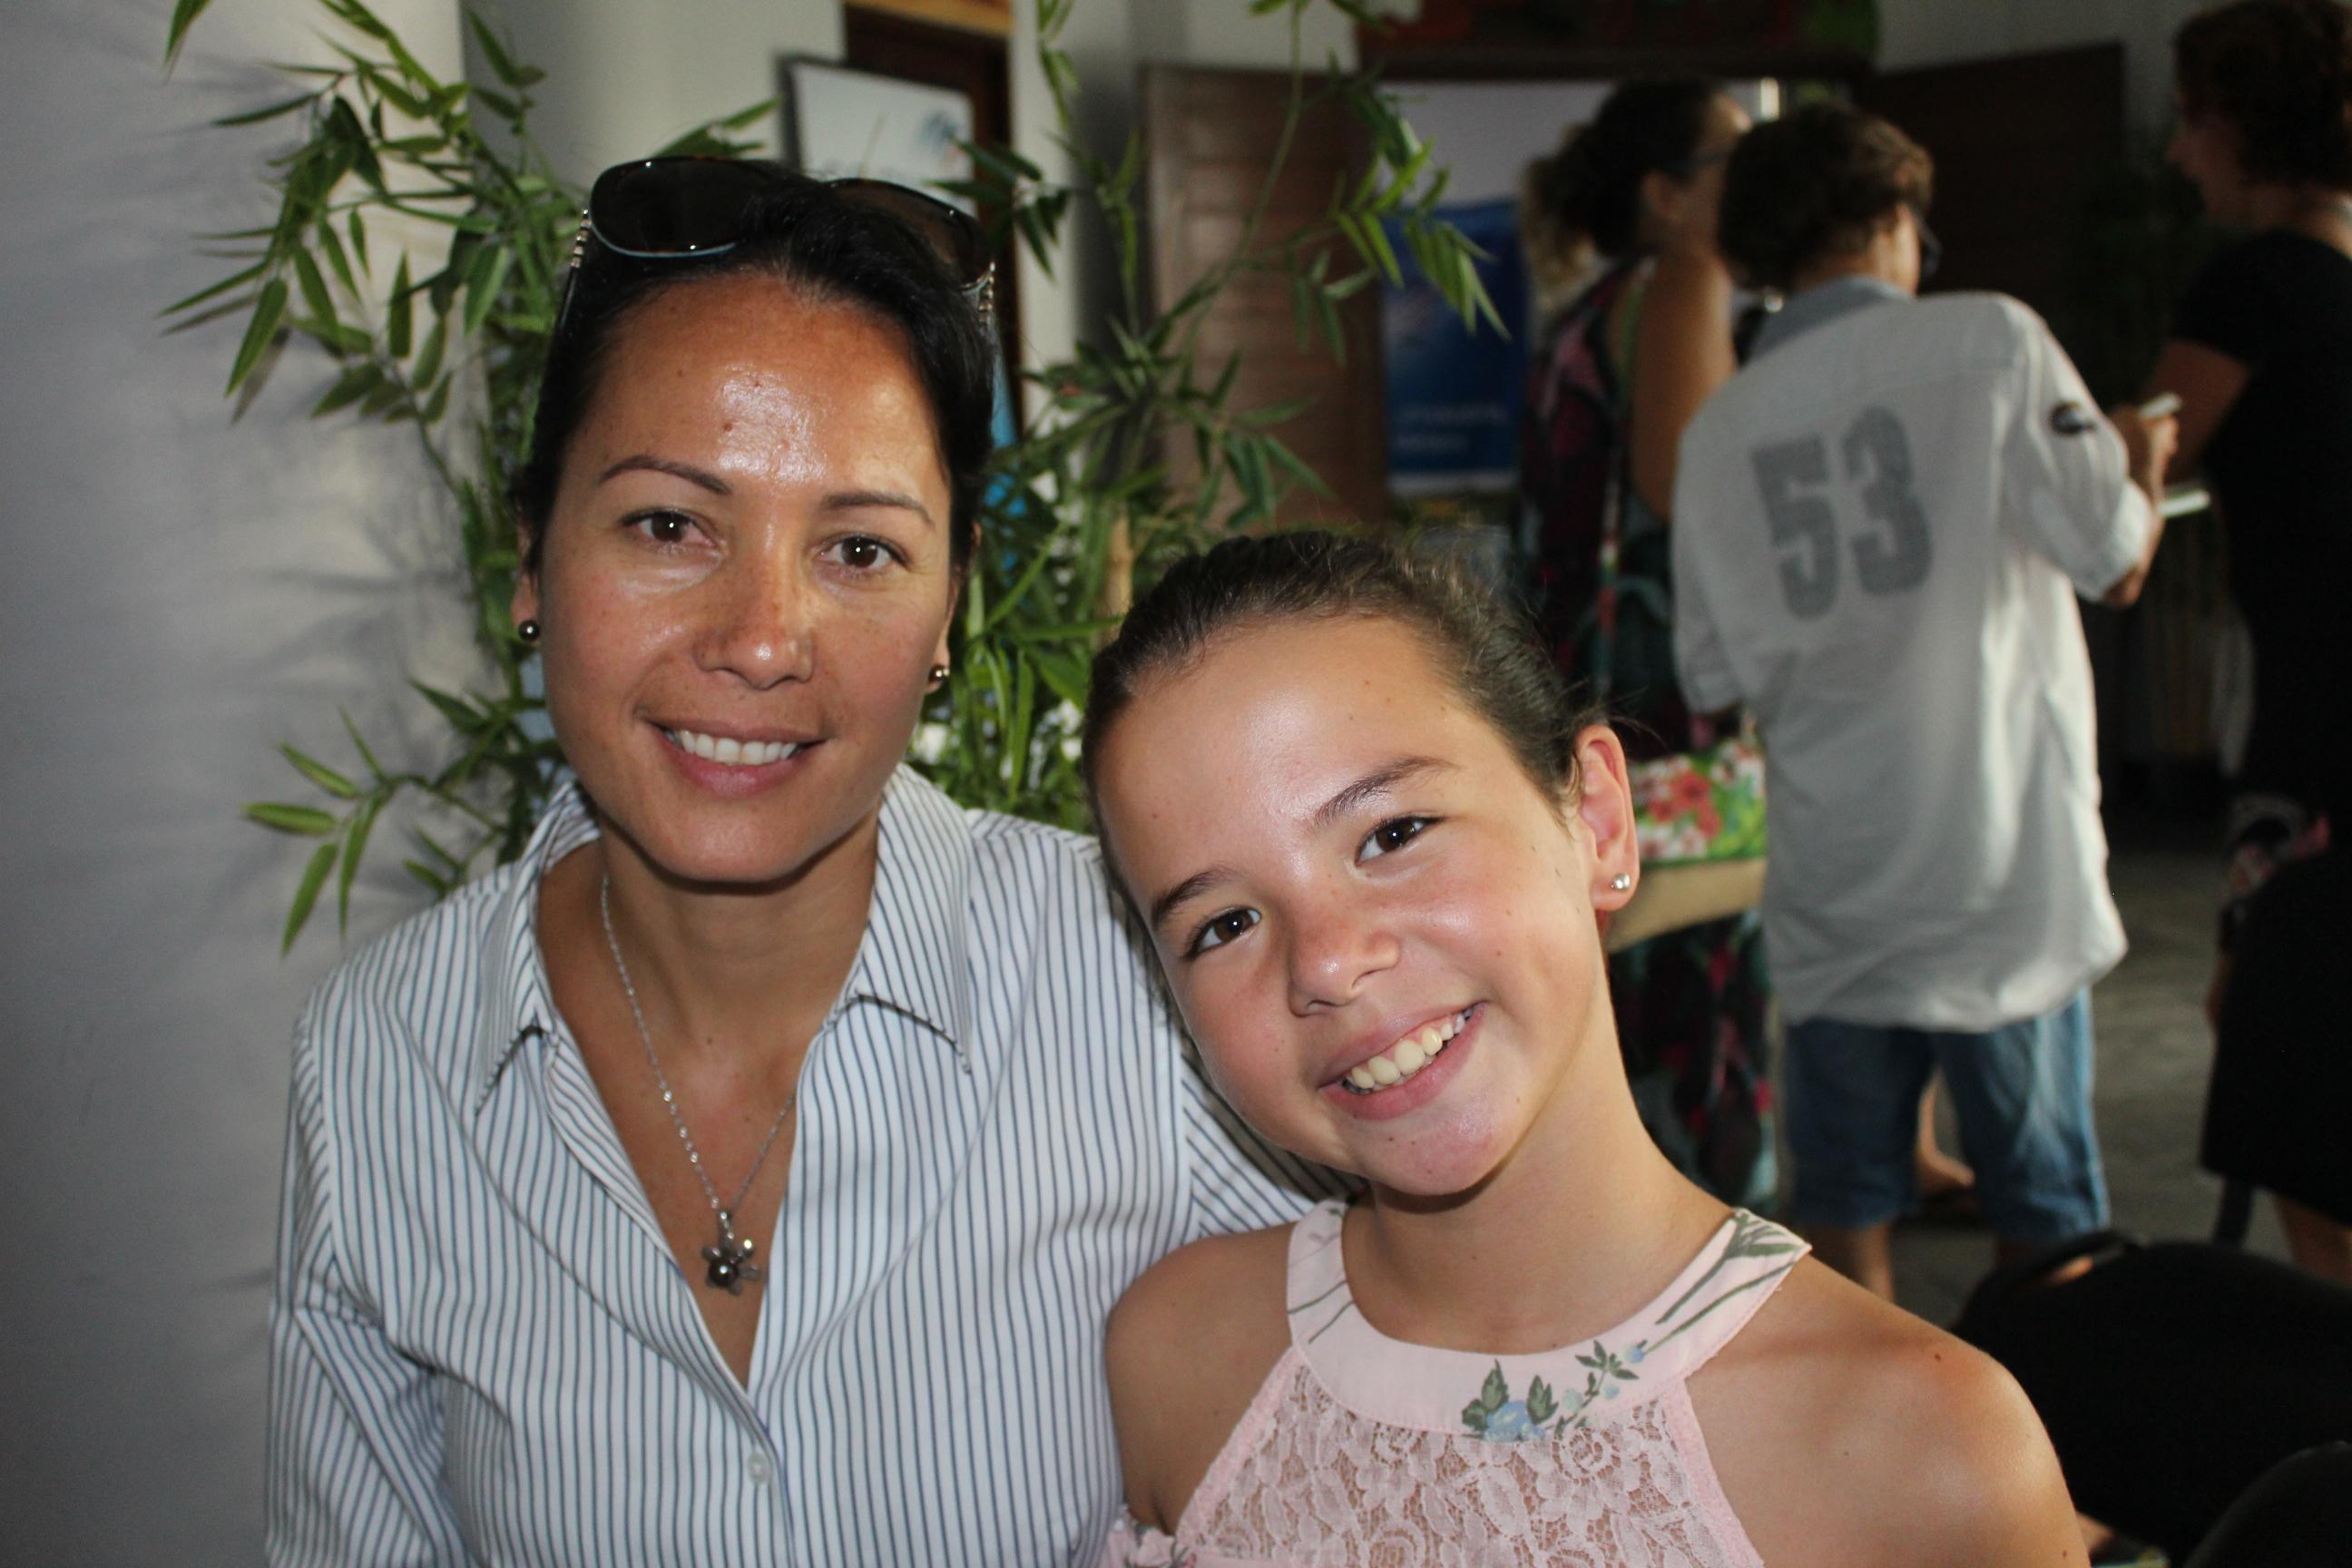 Kiara a motivé toute sa famille pour participer à l'opération Zéro déchet.